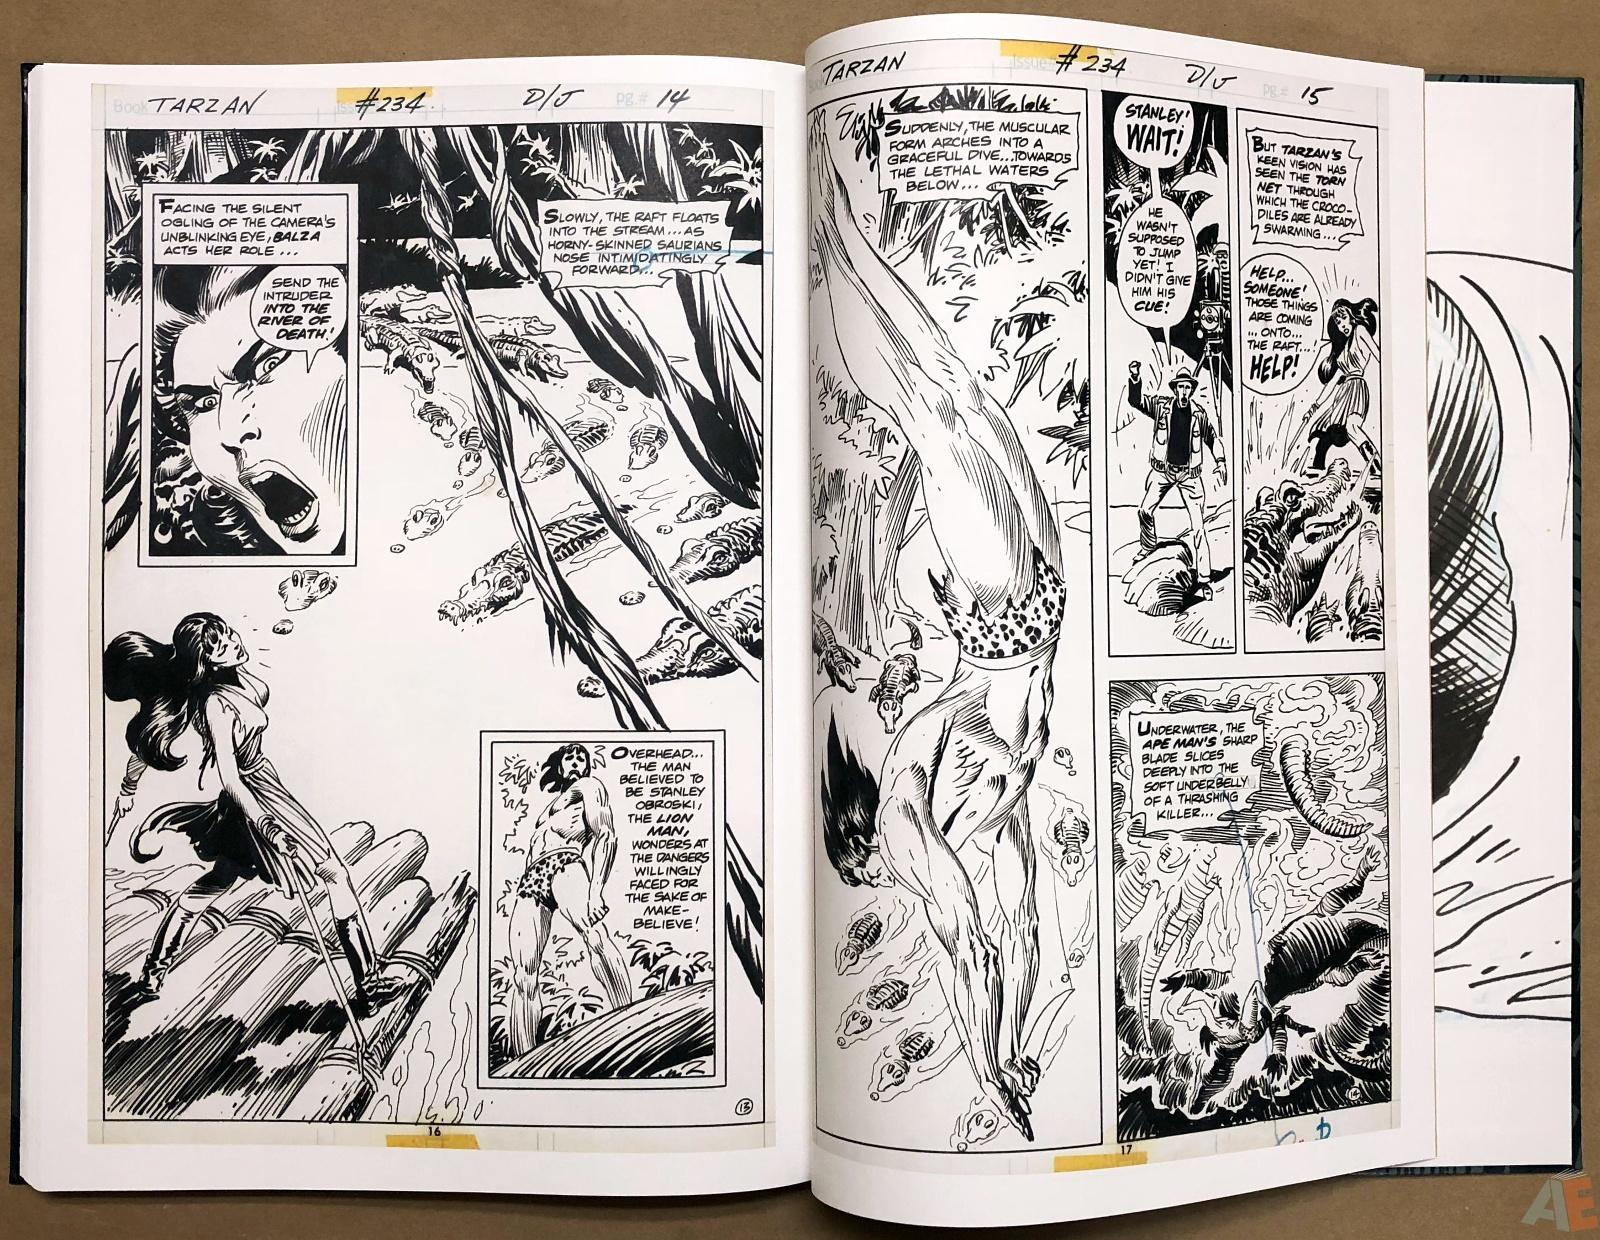 Joe Kubert's Tarzan and the Lion Man Artist's Edition 46